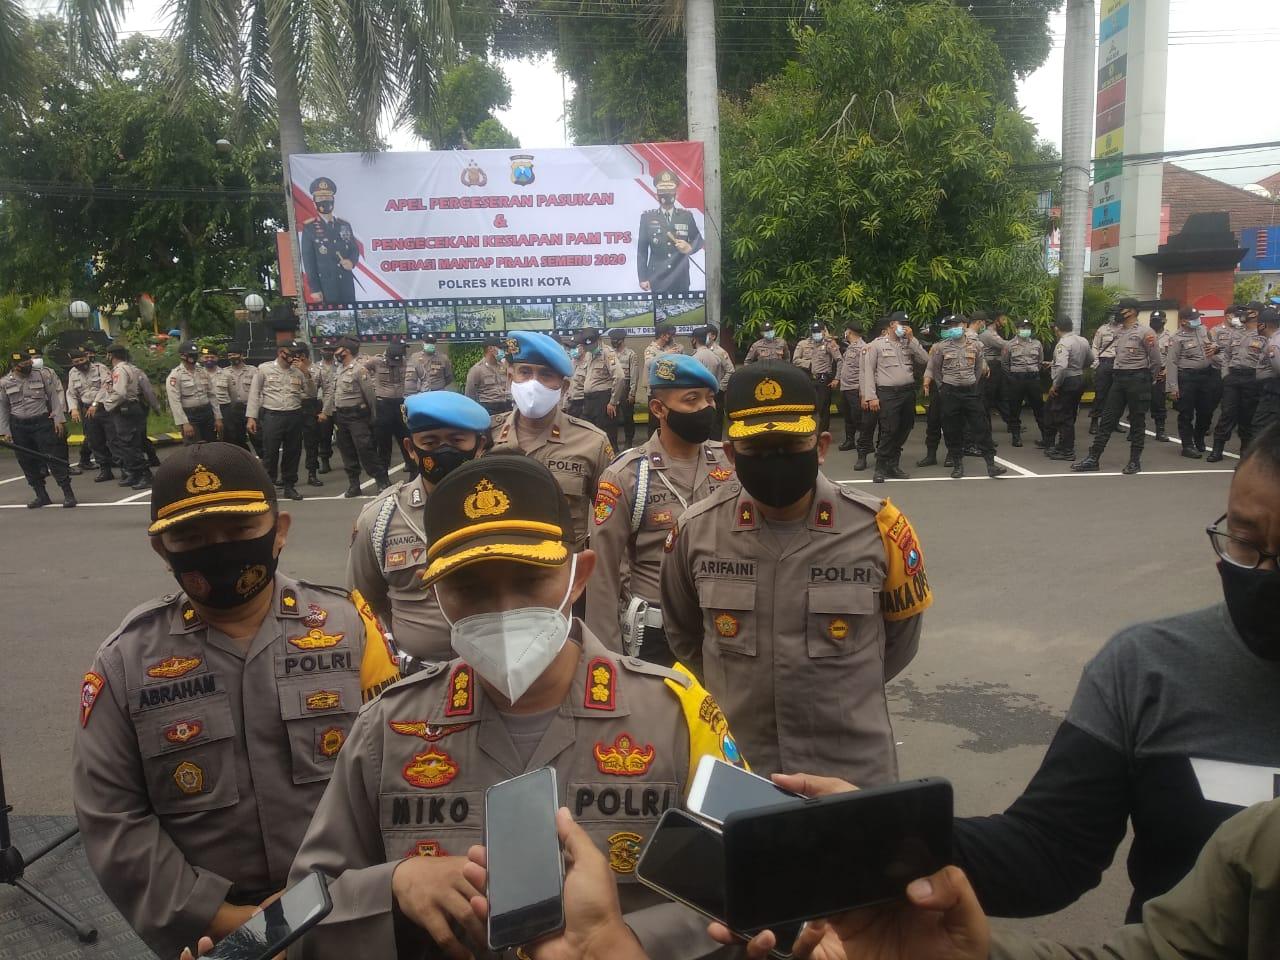 Polres Kediri Kota Apel Pasukan dan Terjunkan Tim Anti Botoh Jelang Pilkada